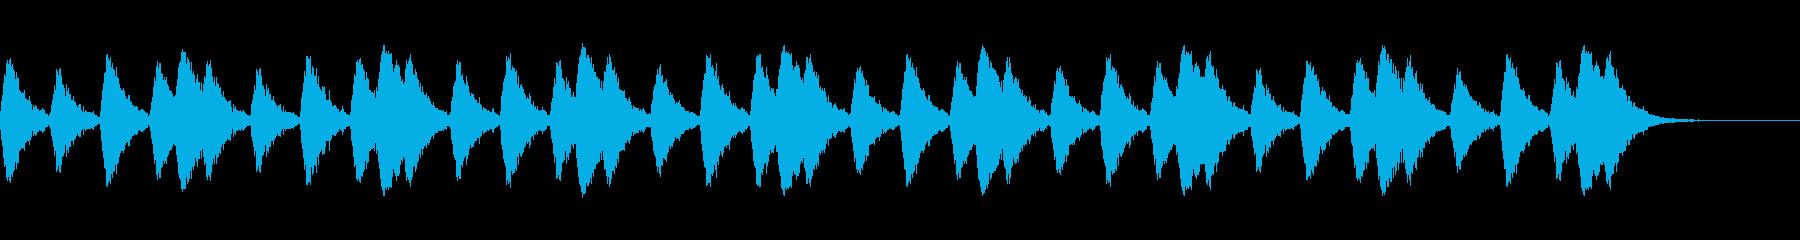 行進をイメージしたスネアドラムの音の再生済みの波形